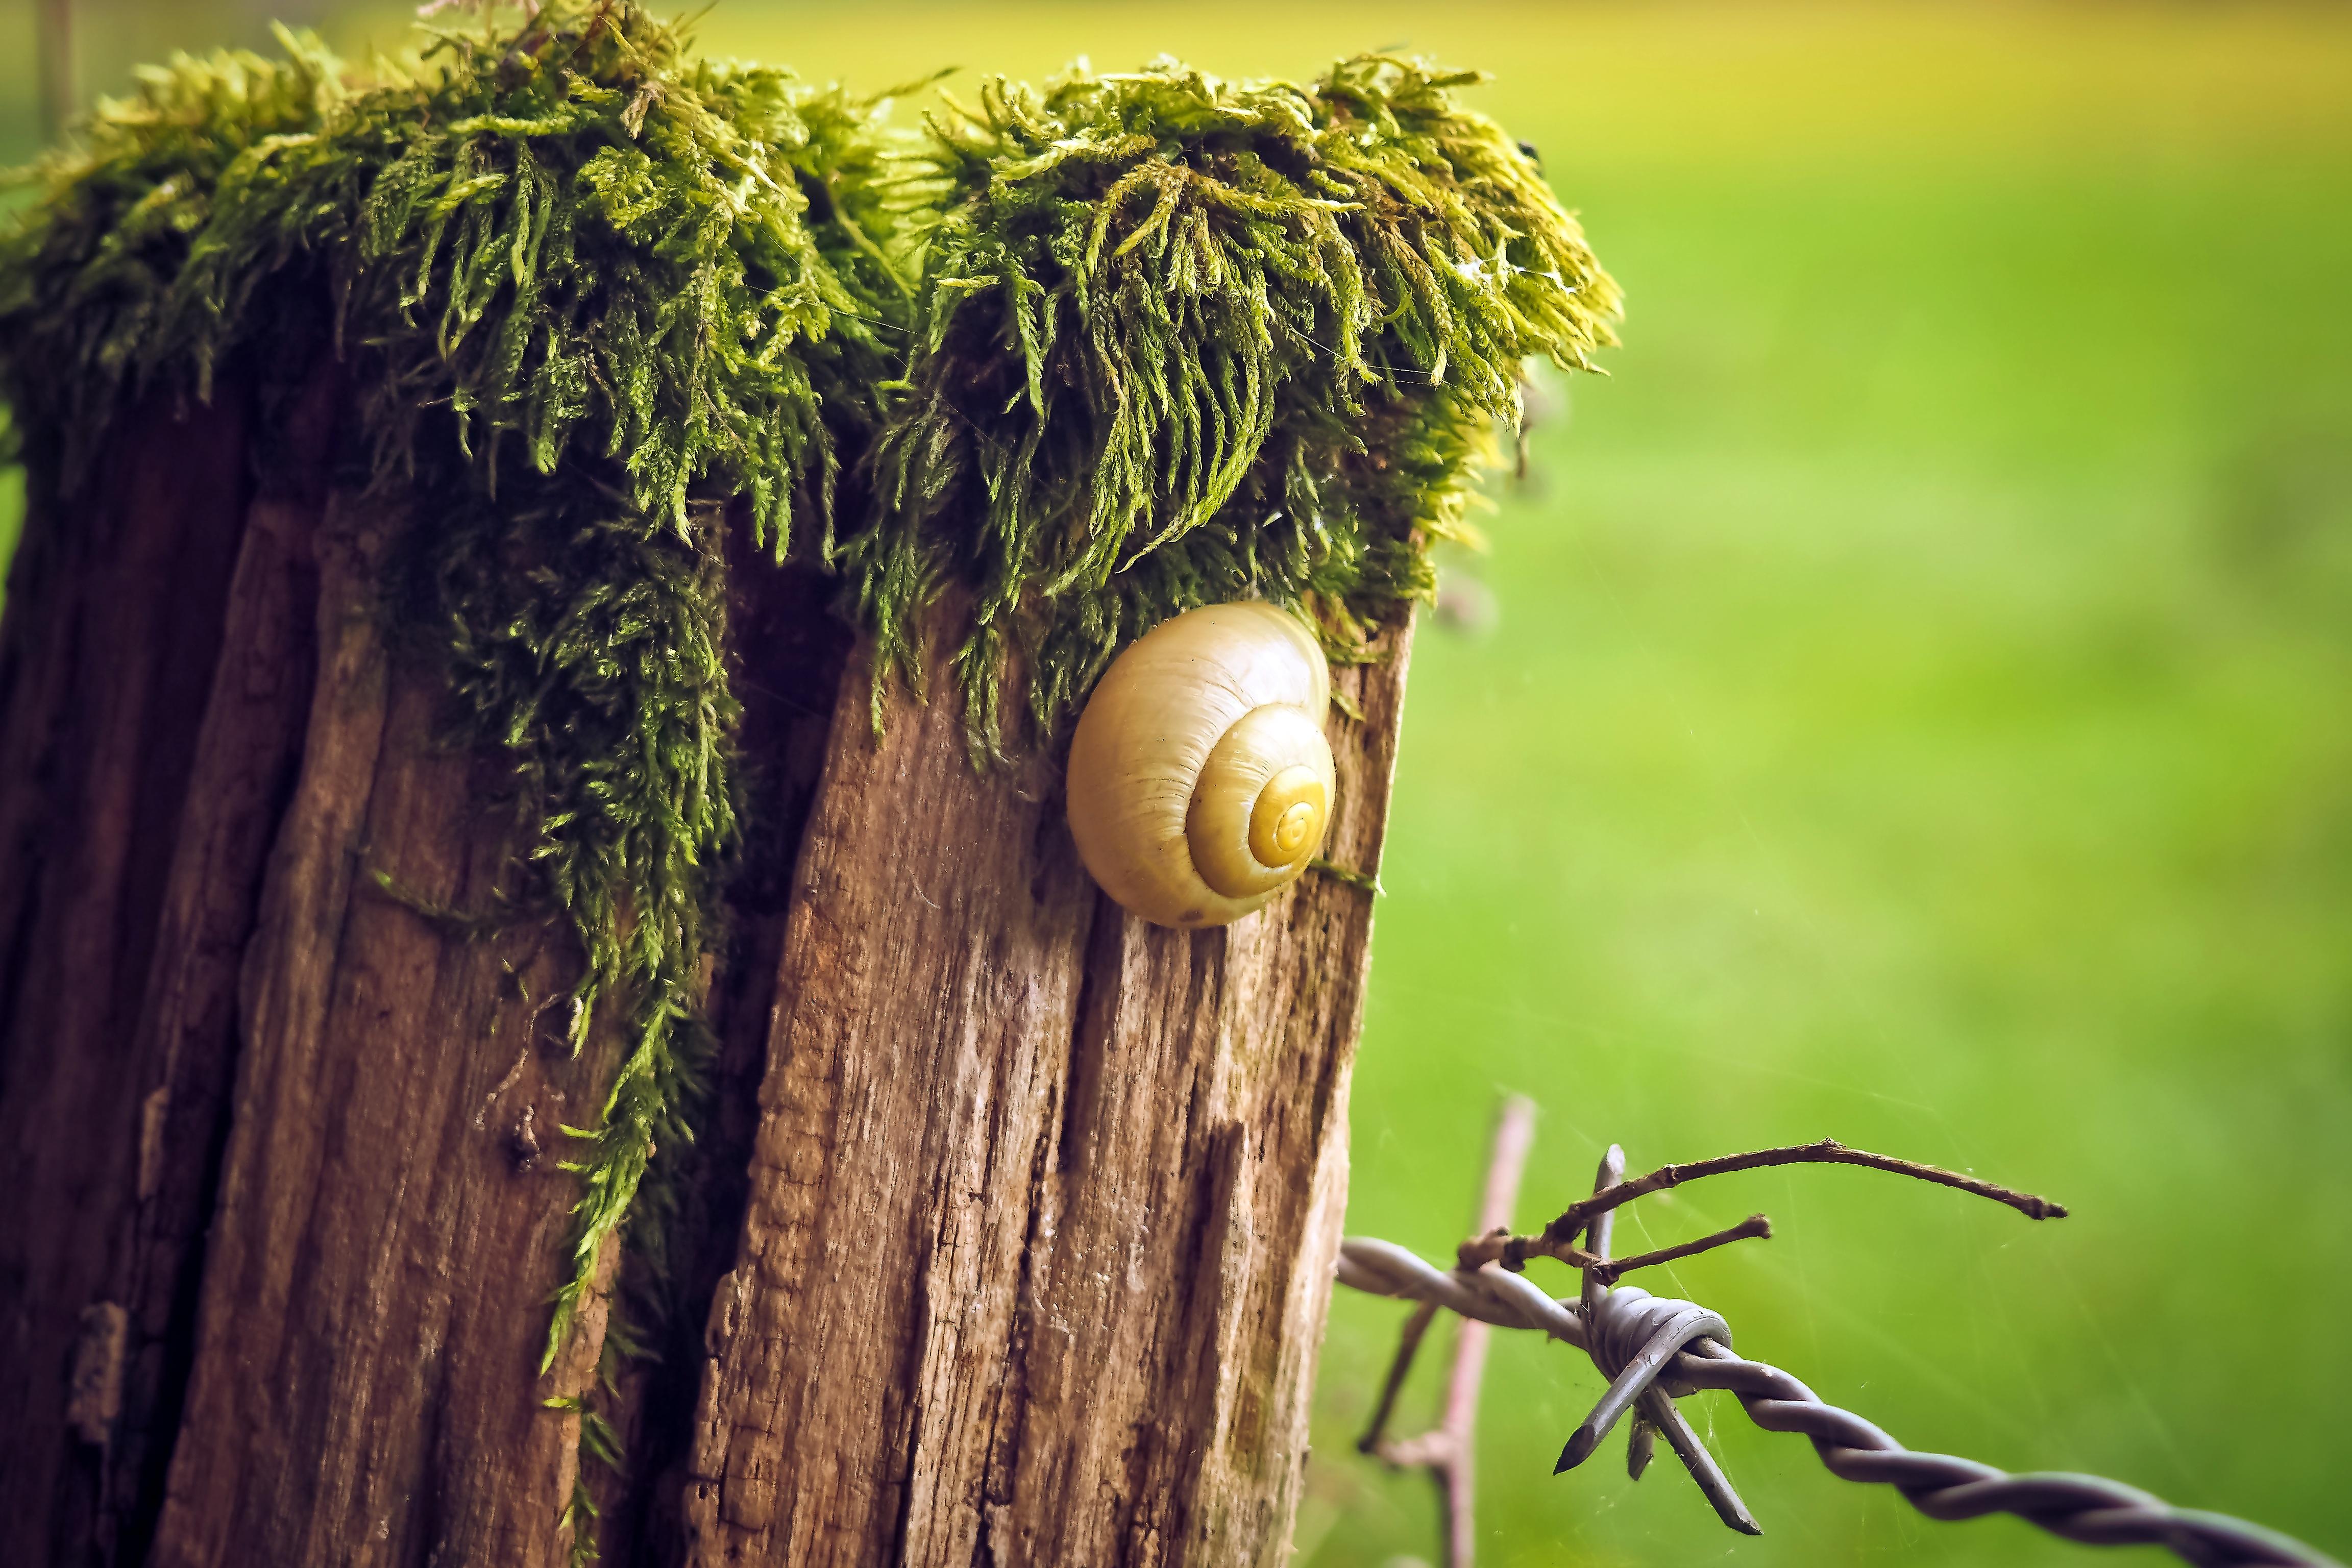 Kostenlose foto : Landschaft, Baum, Natur, Gras, Ast, Zaun ...